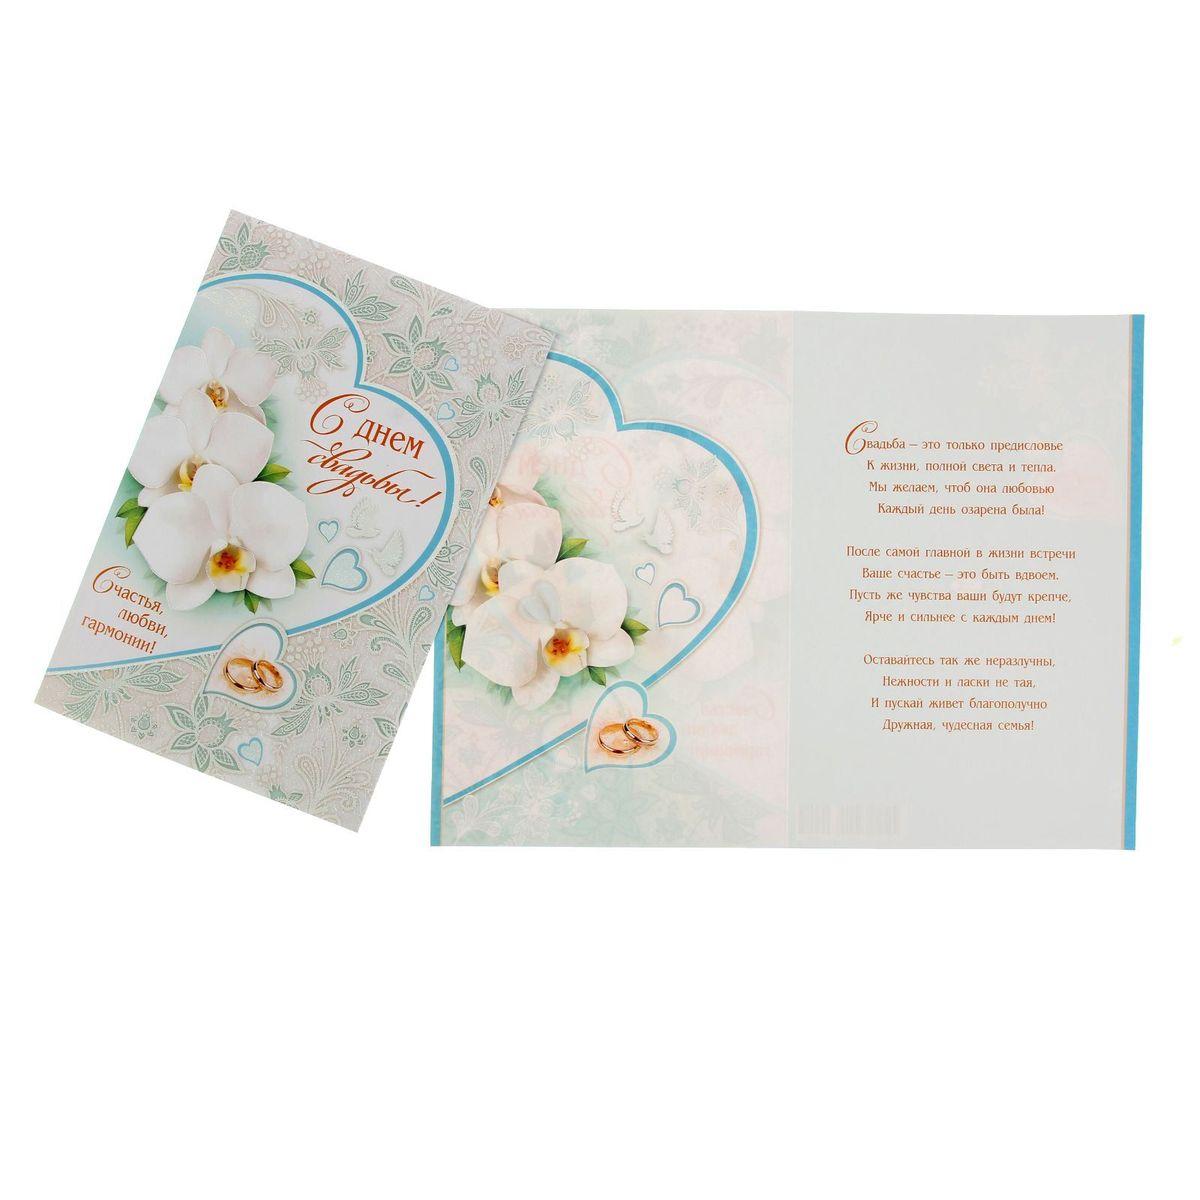 Открытка Мир открыток С Днем свадьбы! Белые цветы1341002Если вы хотите порадовать себя или близких, создать праздничное настроение и с улыбкой провести памятный день, то вы, несомненно, сделали правильный выбор! Открытка Мир открыток С Днем Свадьбы! Белые цветы, выполненная из картона, отличается не только оригинальным дизайном, но и высоким качеством. Лицевая сторона изделия оформлена красивым изображением белых цветов и колец, дополнена блестками и рельефным узором. Внутри открытка содержит текст с поздравлением. Такая открытка непременно порадует получателя и станет отличным напоминанием о проведенном вместе времени.